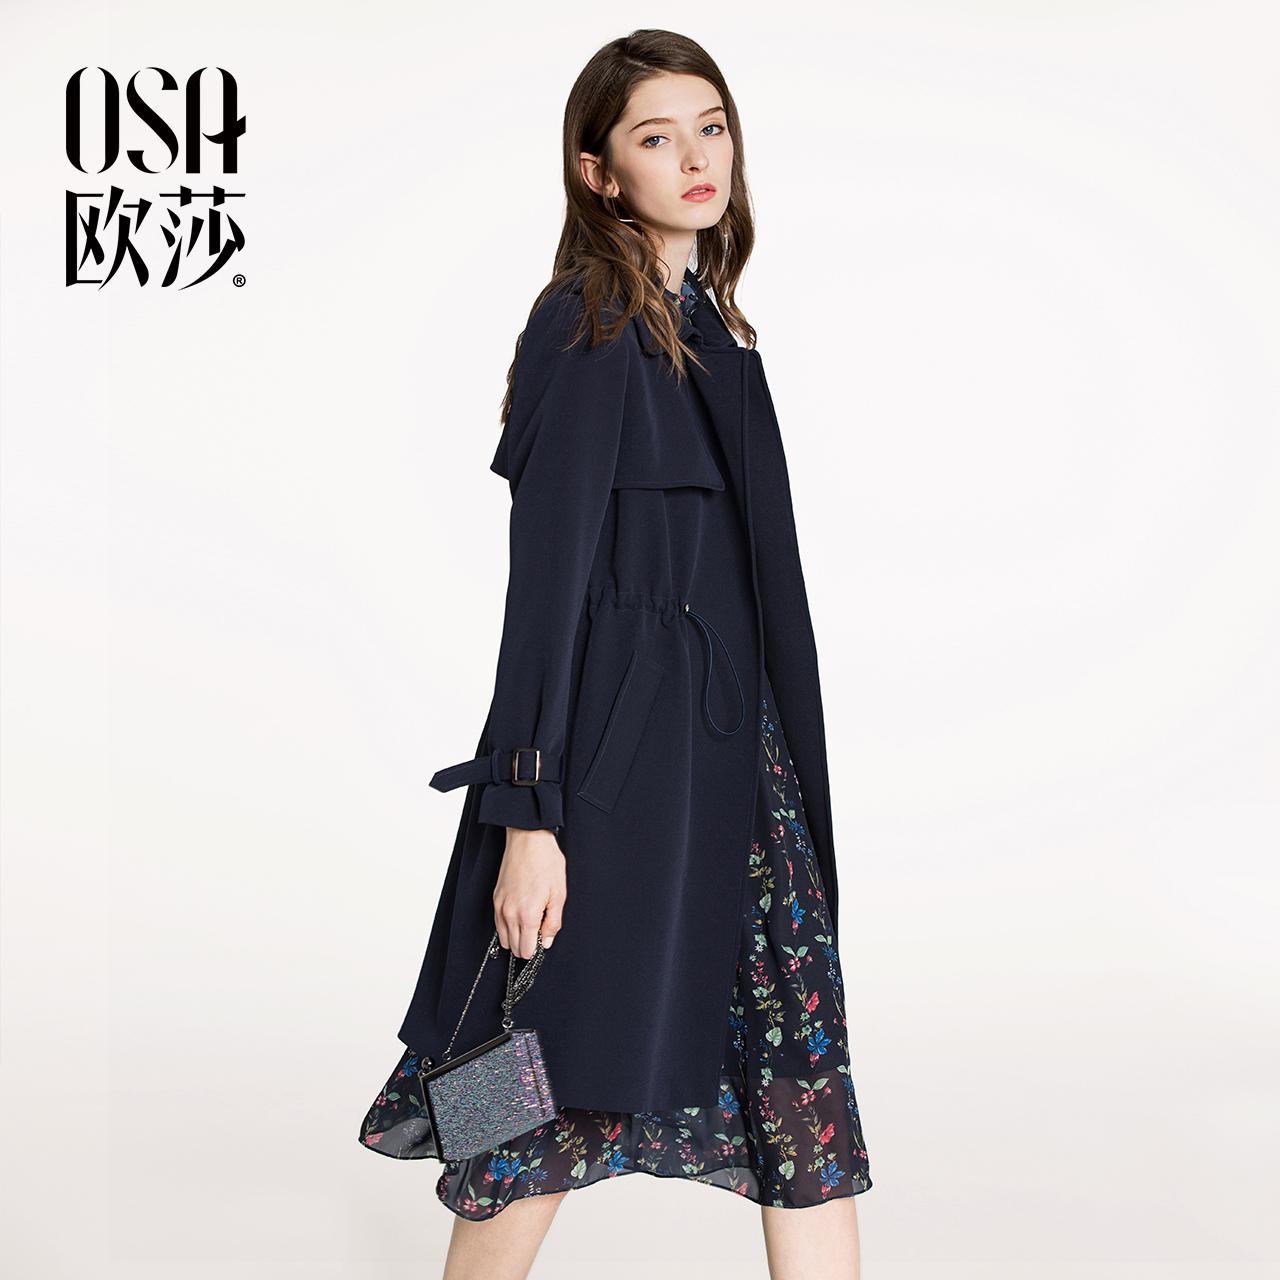 冬季女式风衣韩版